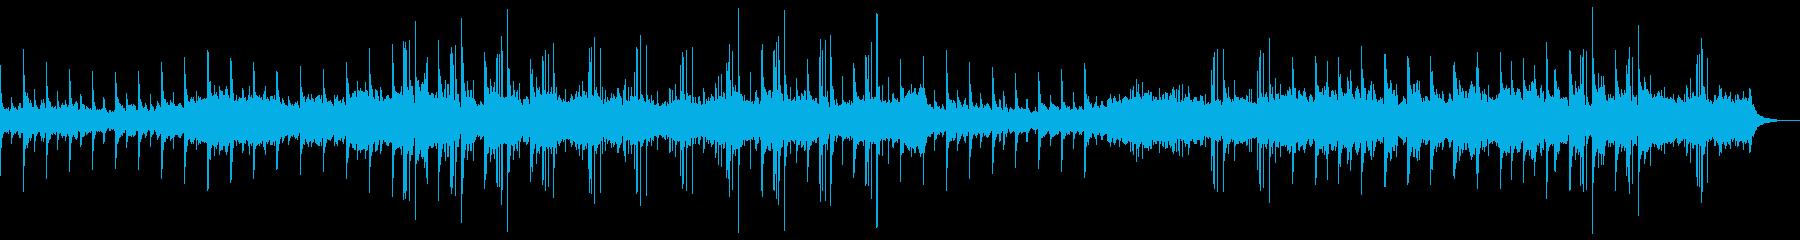 ピアノを使った哀愁的なBGMの再生済みの波形